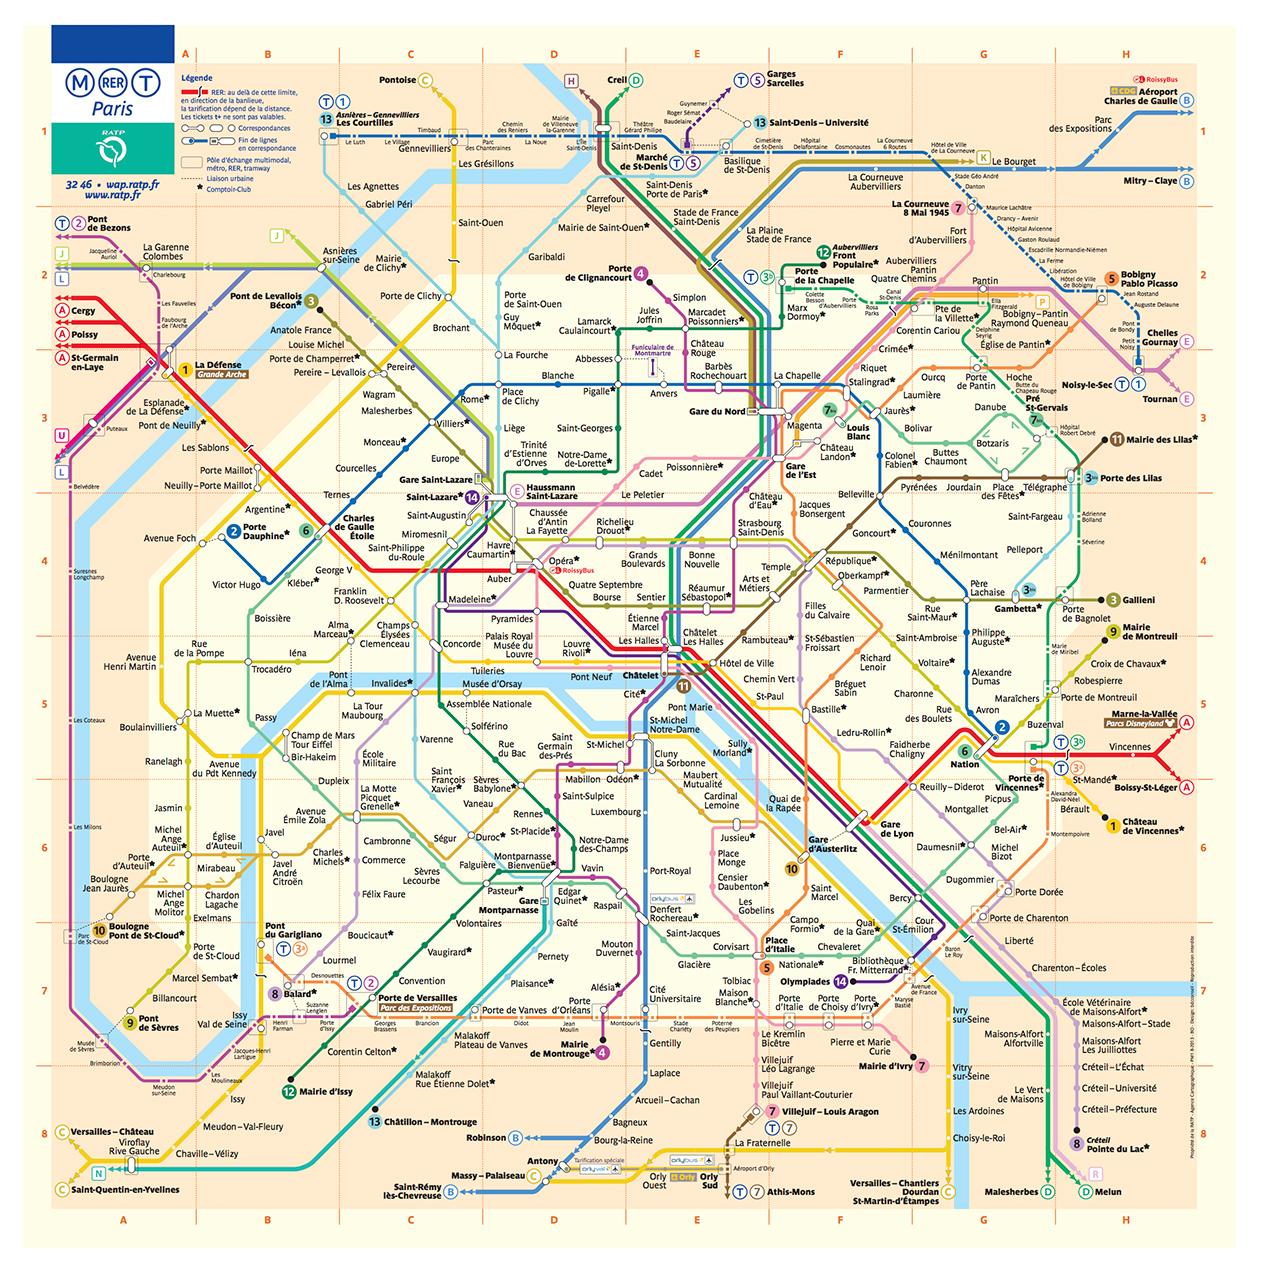 paris-metro-map-2014